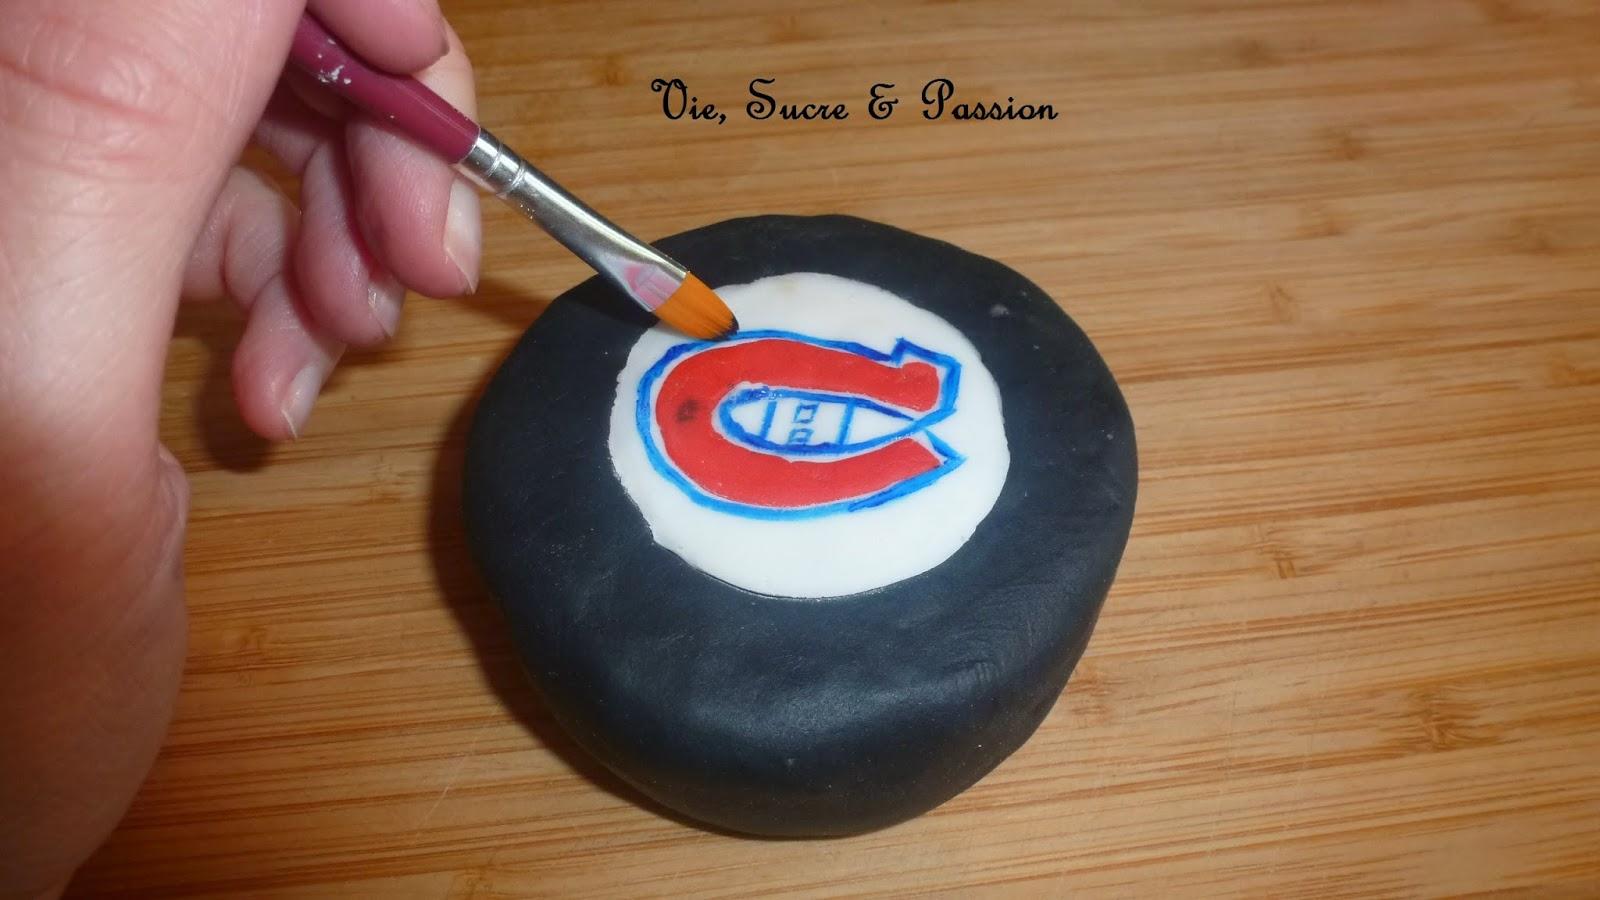 Rondelle de Hockey en fondant (Canadiens de Montréal)